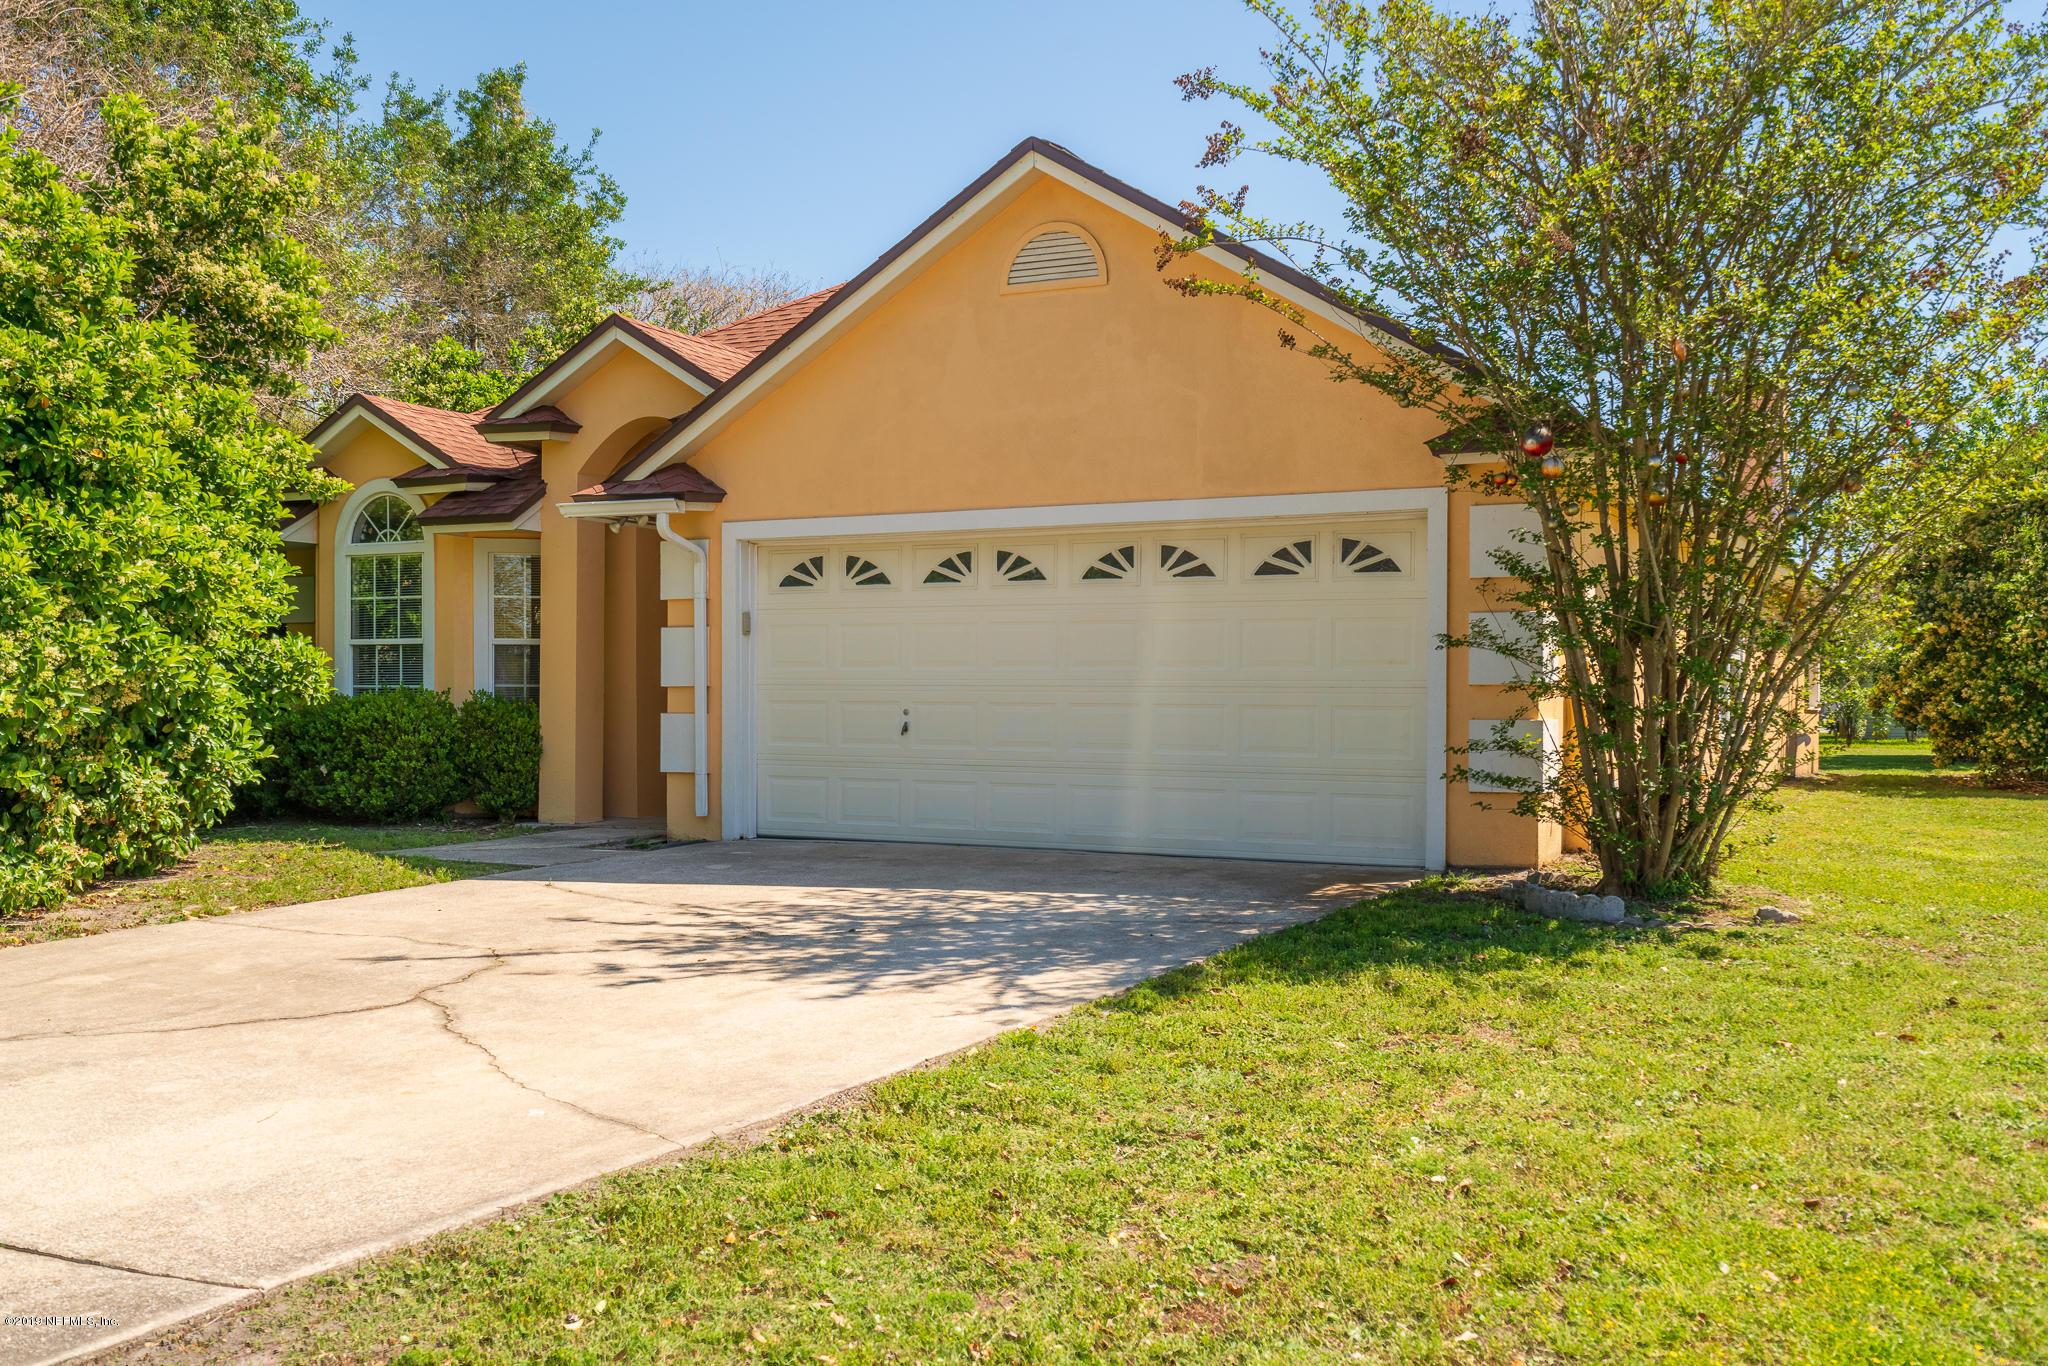 1580 BEECHER, ORANGE PARK, FLORIDA 32073, 3 Bedrooms Bedrooms, ,2 BathroomsBathrooms,Residential - single family,For sale,BEECHER,985430